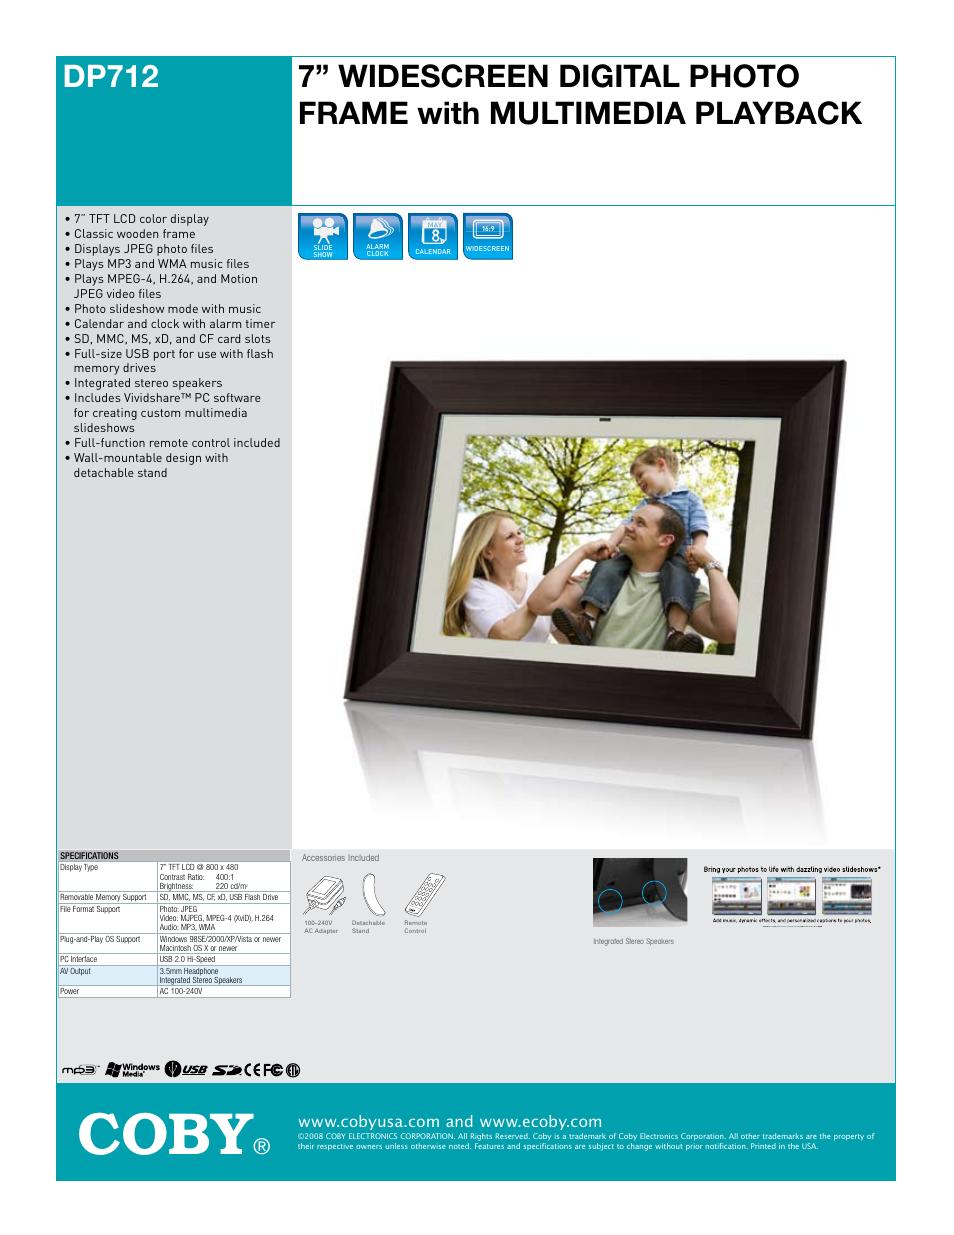 ungew hnlich coby digital picture frame fotos rahmen ideen rh markjohnsonshow info Coby Photo Viewer Manuals Coby Photo Viewer Manuals